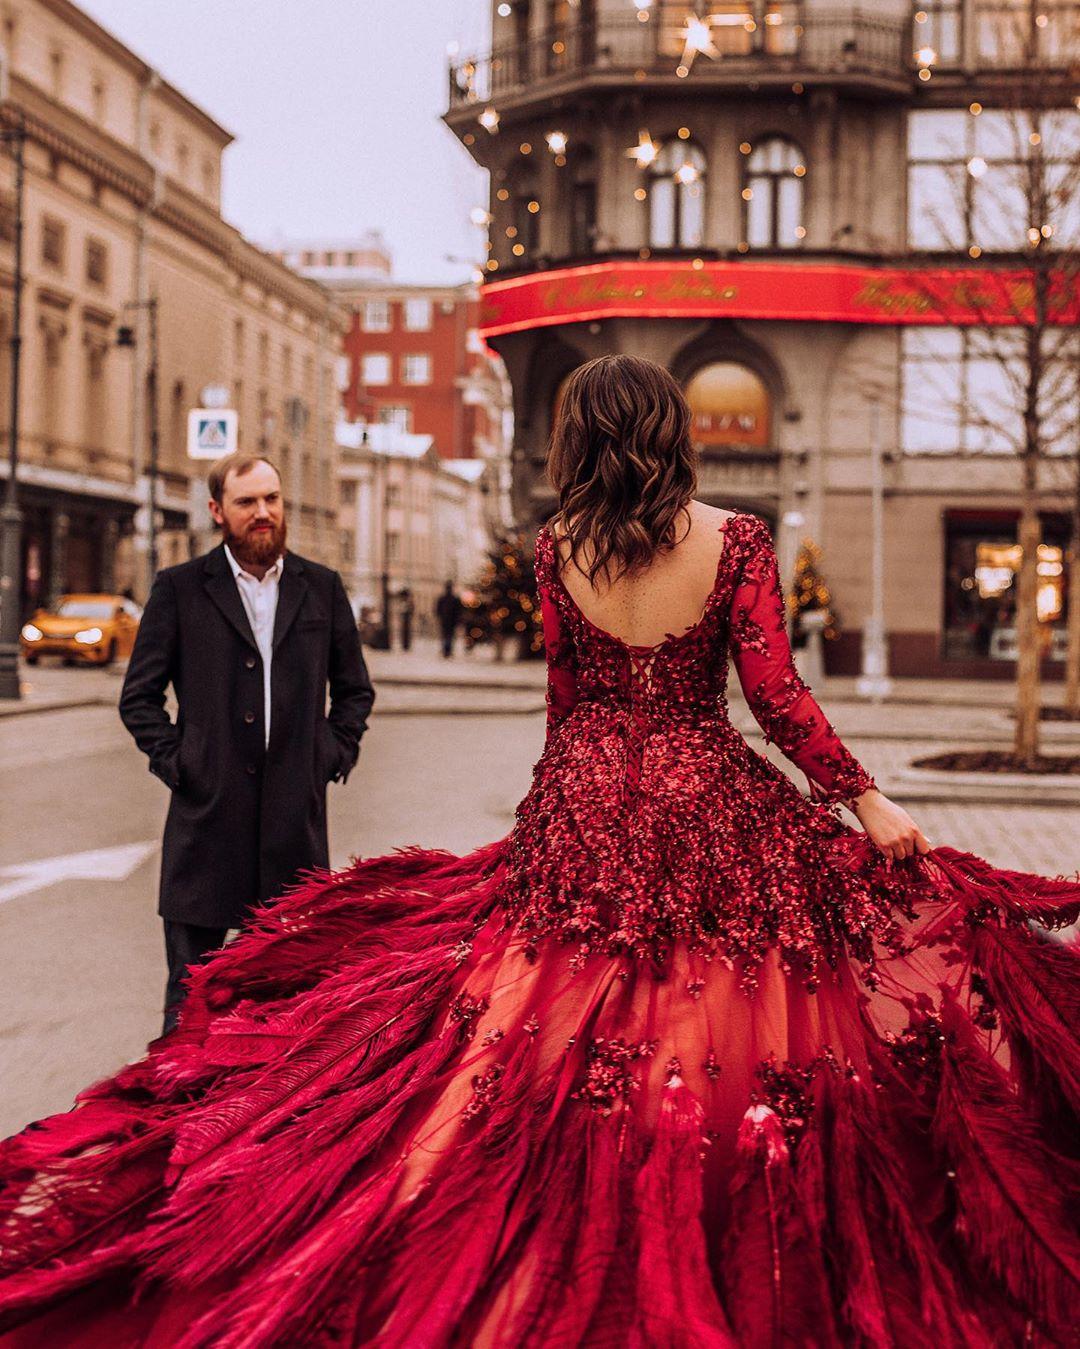 Парень в пальто ждет красивую девушку в красном